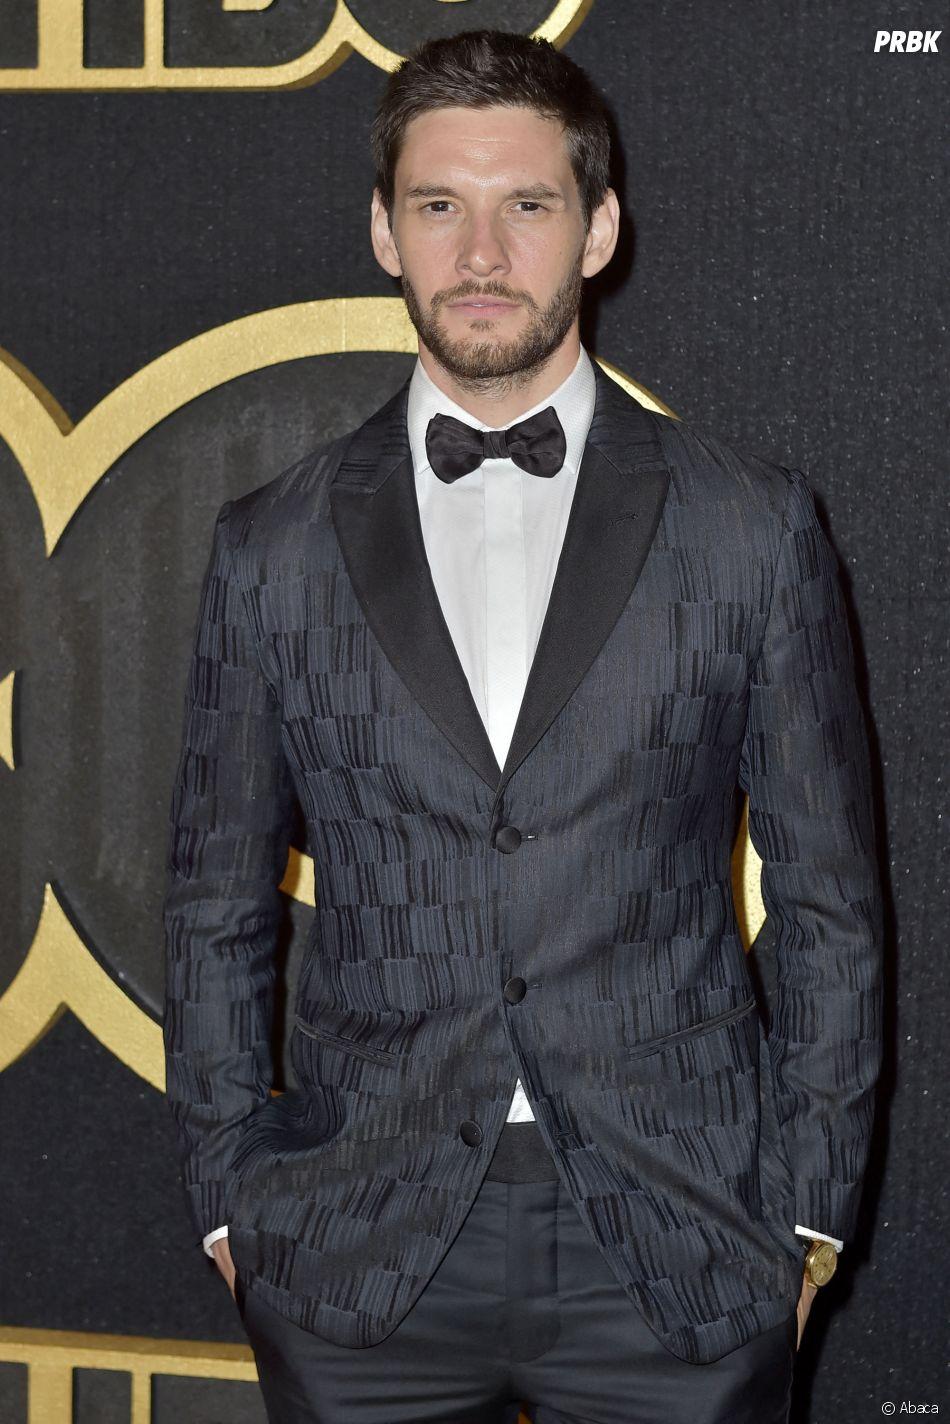 Ben Barnes (Shadow and Bone : La saga Grisha sur Netflix) : découvrez son évolution depuis la saga Narnia. Voilà l'acteur en 2018